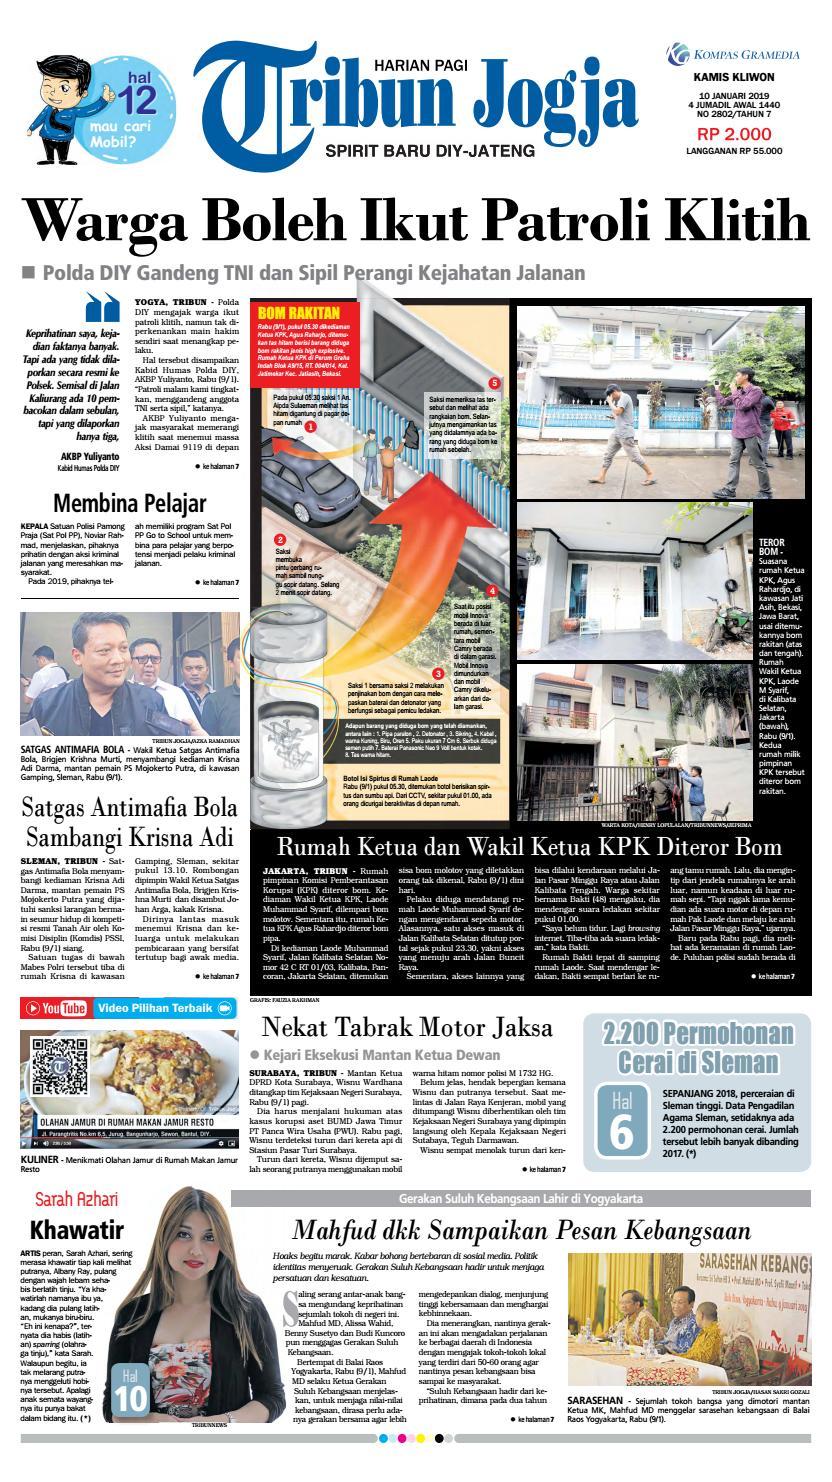 Tribun Jogja 10-01-2019 by tribun jogja - issuu e9cad1601c